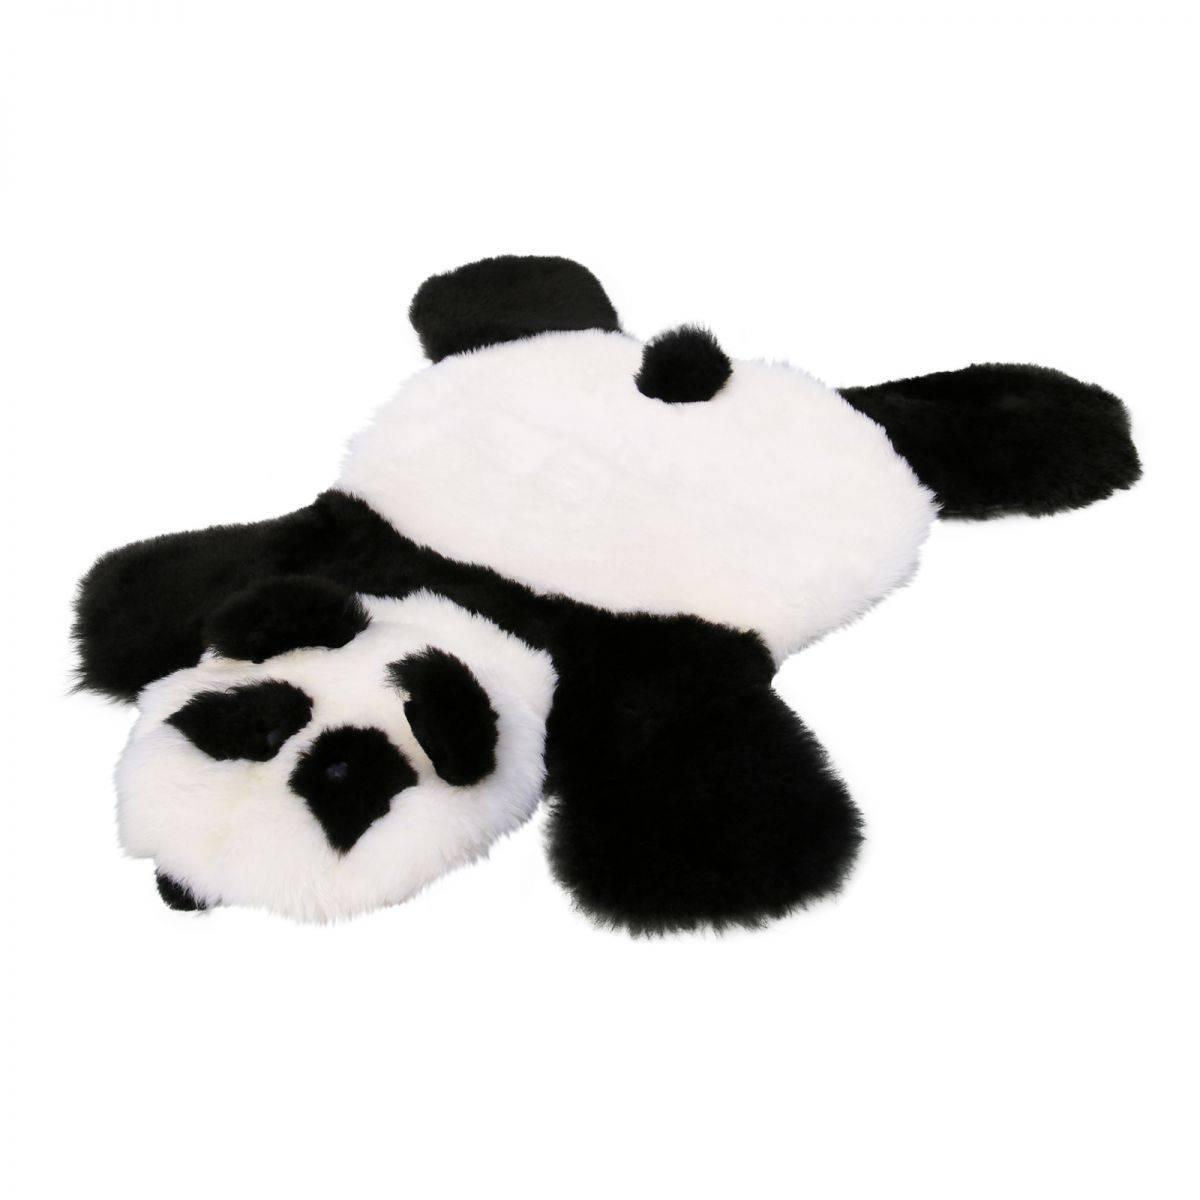 Lammfell  TEPPICH FÜR KINDER PANDA Fellteppich Bären